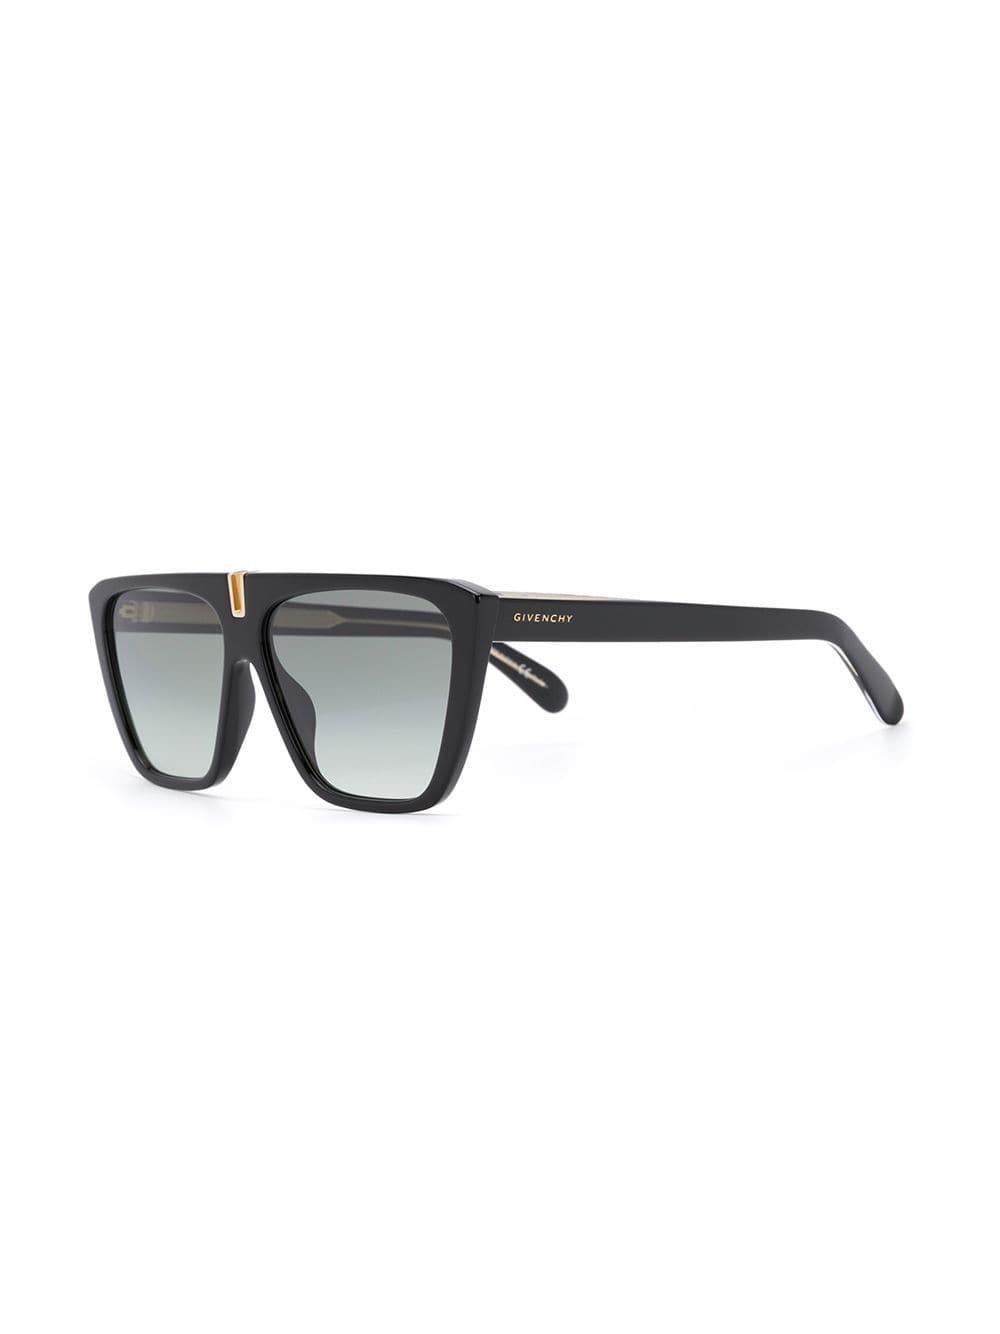 00ce2519d5 Givenchy - Black Gafas de sol cuadradas con lentes de color - Lyst. Ver en  pantalla completa